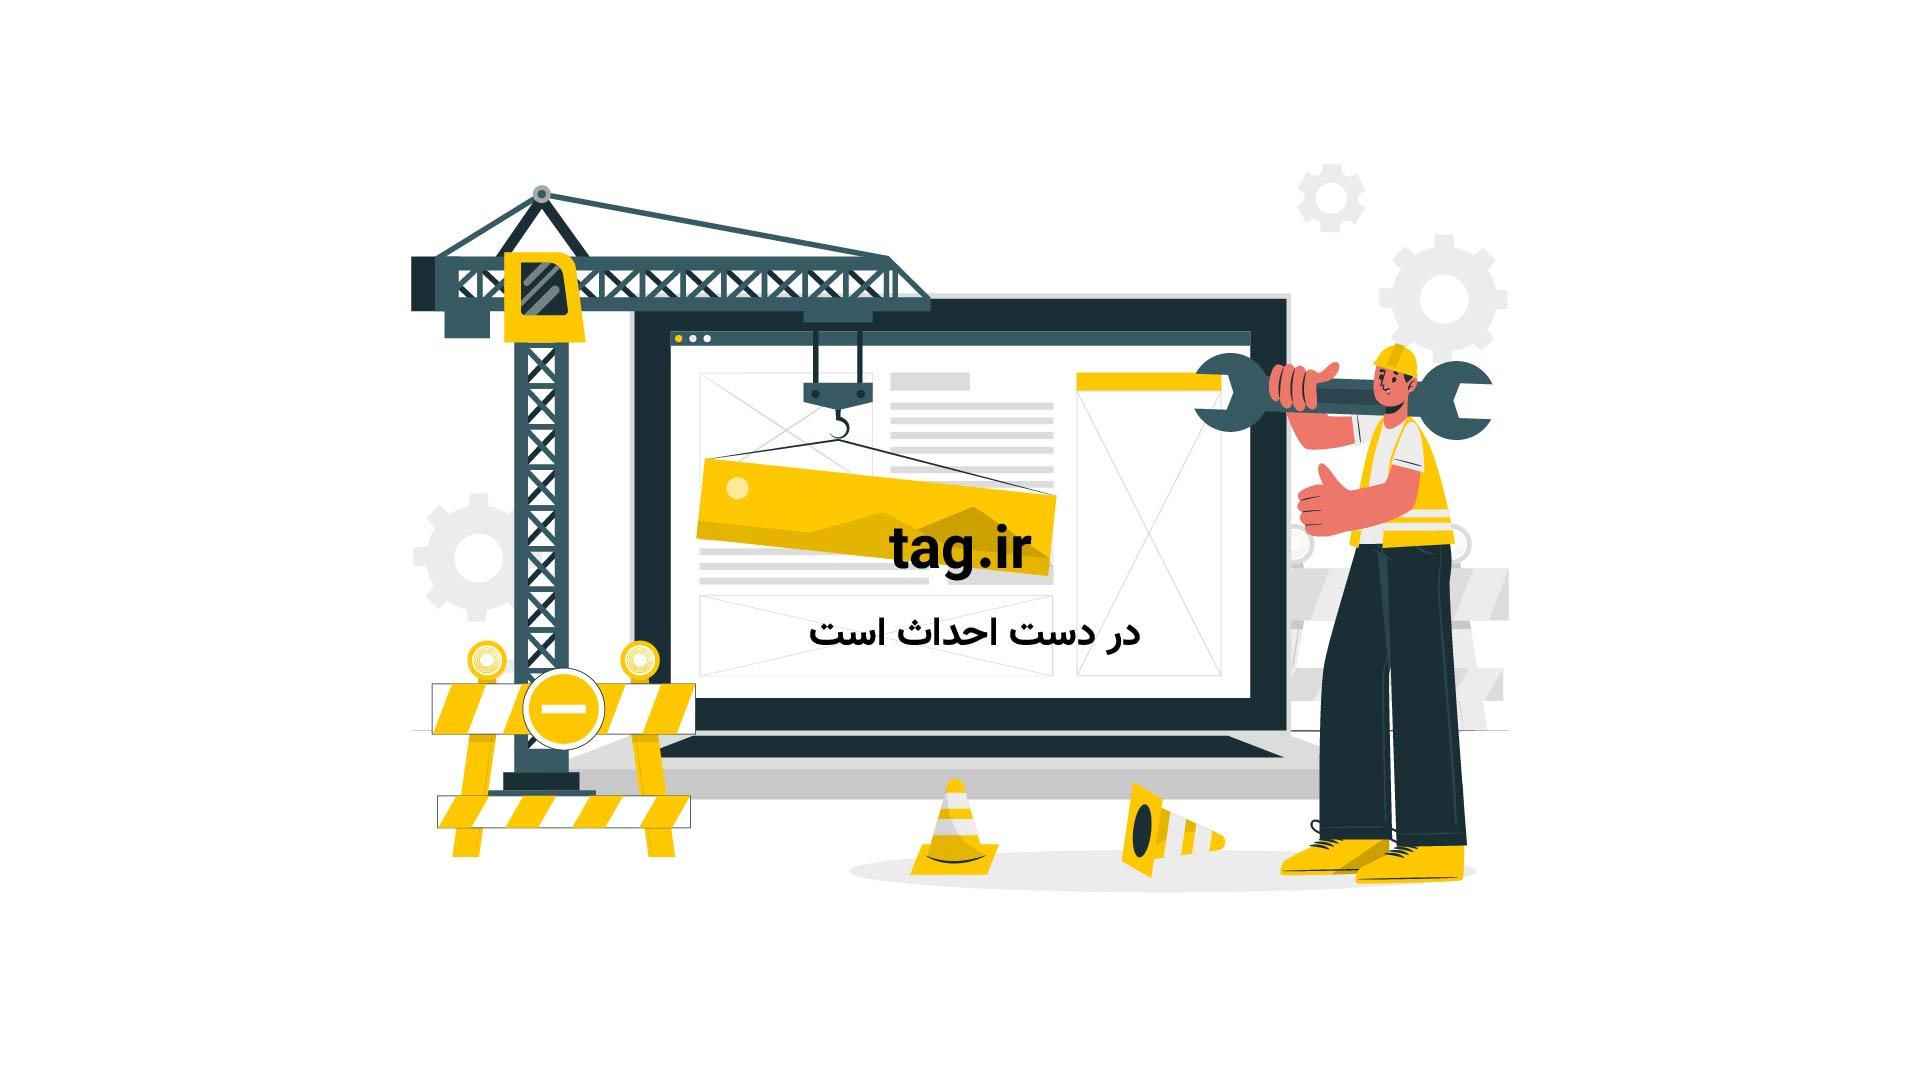 کیک هویج یک انتخاب خوشمزه برای عصرانه|تگ